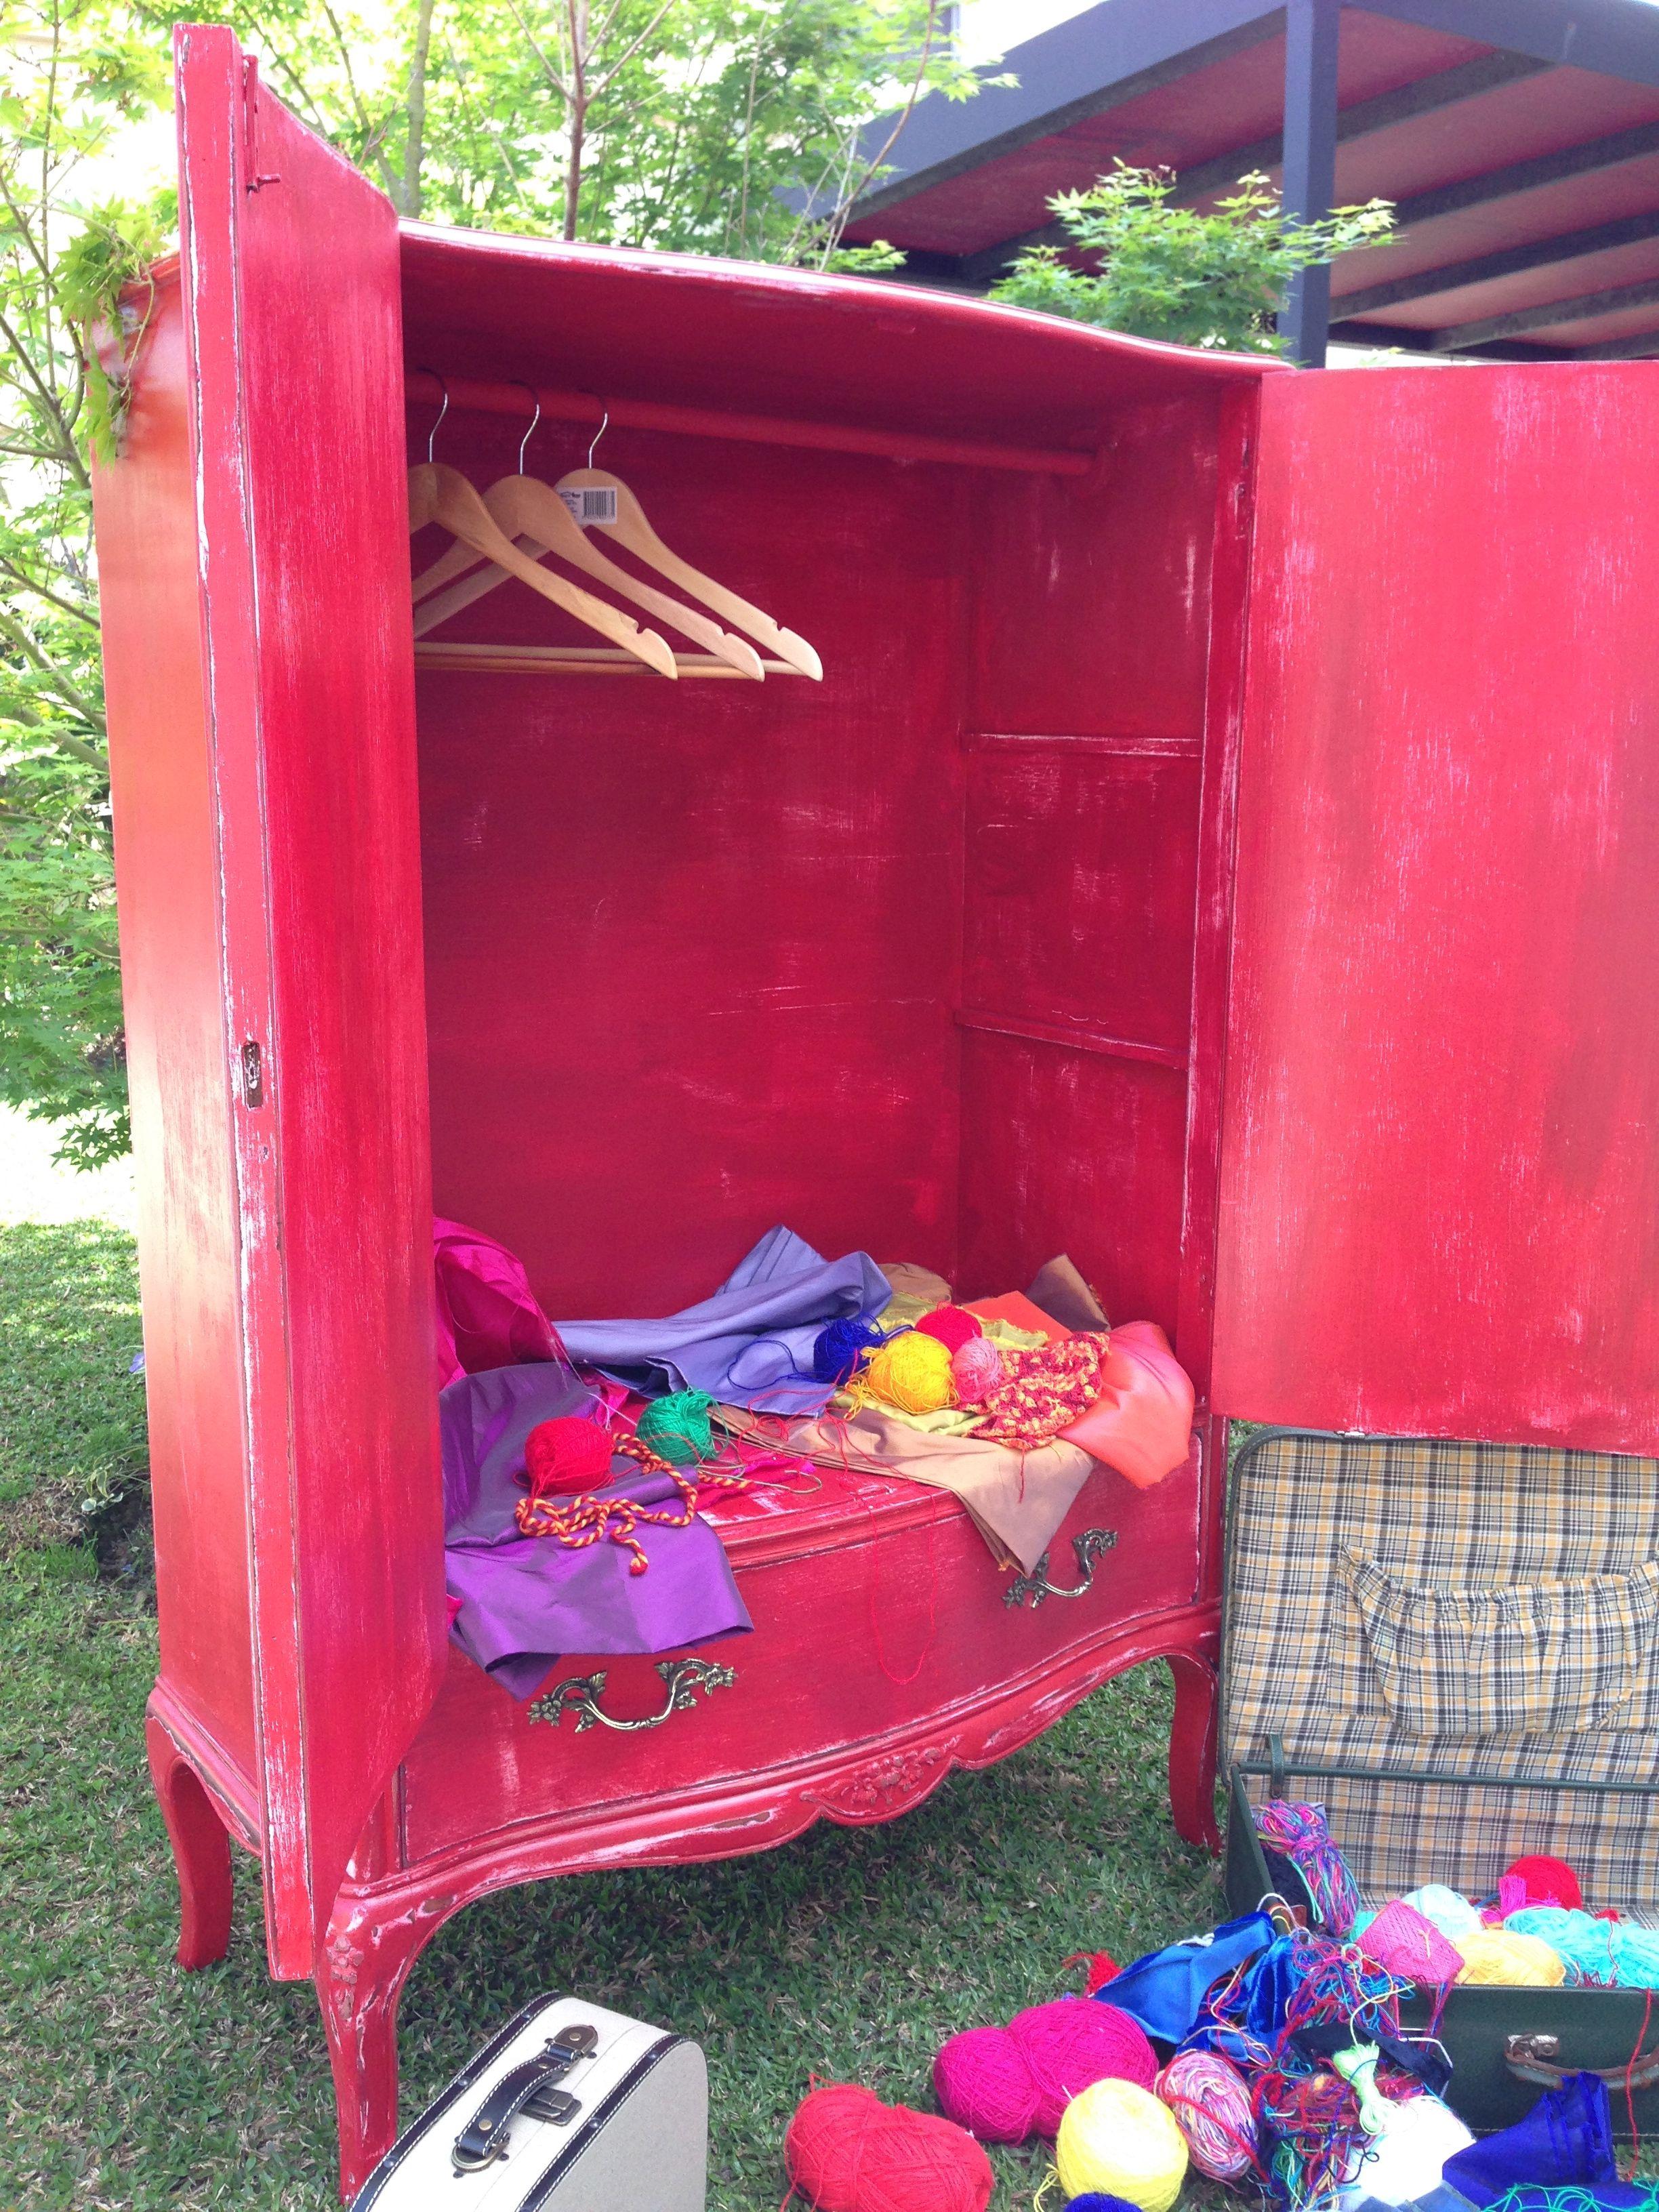 Mueble frances rojo decapado muebles vintouch de colores - Mueble provenzal frances ...